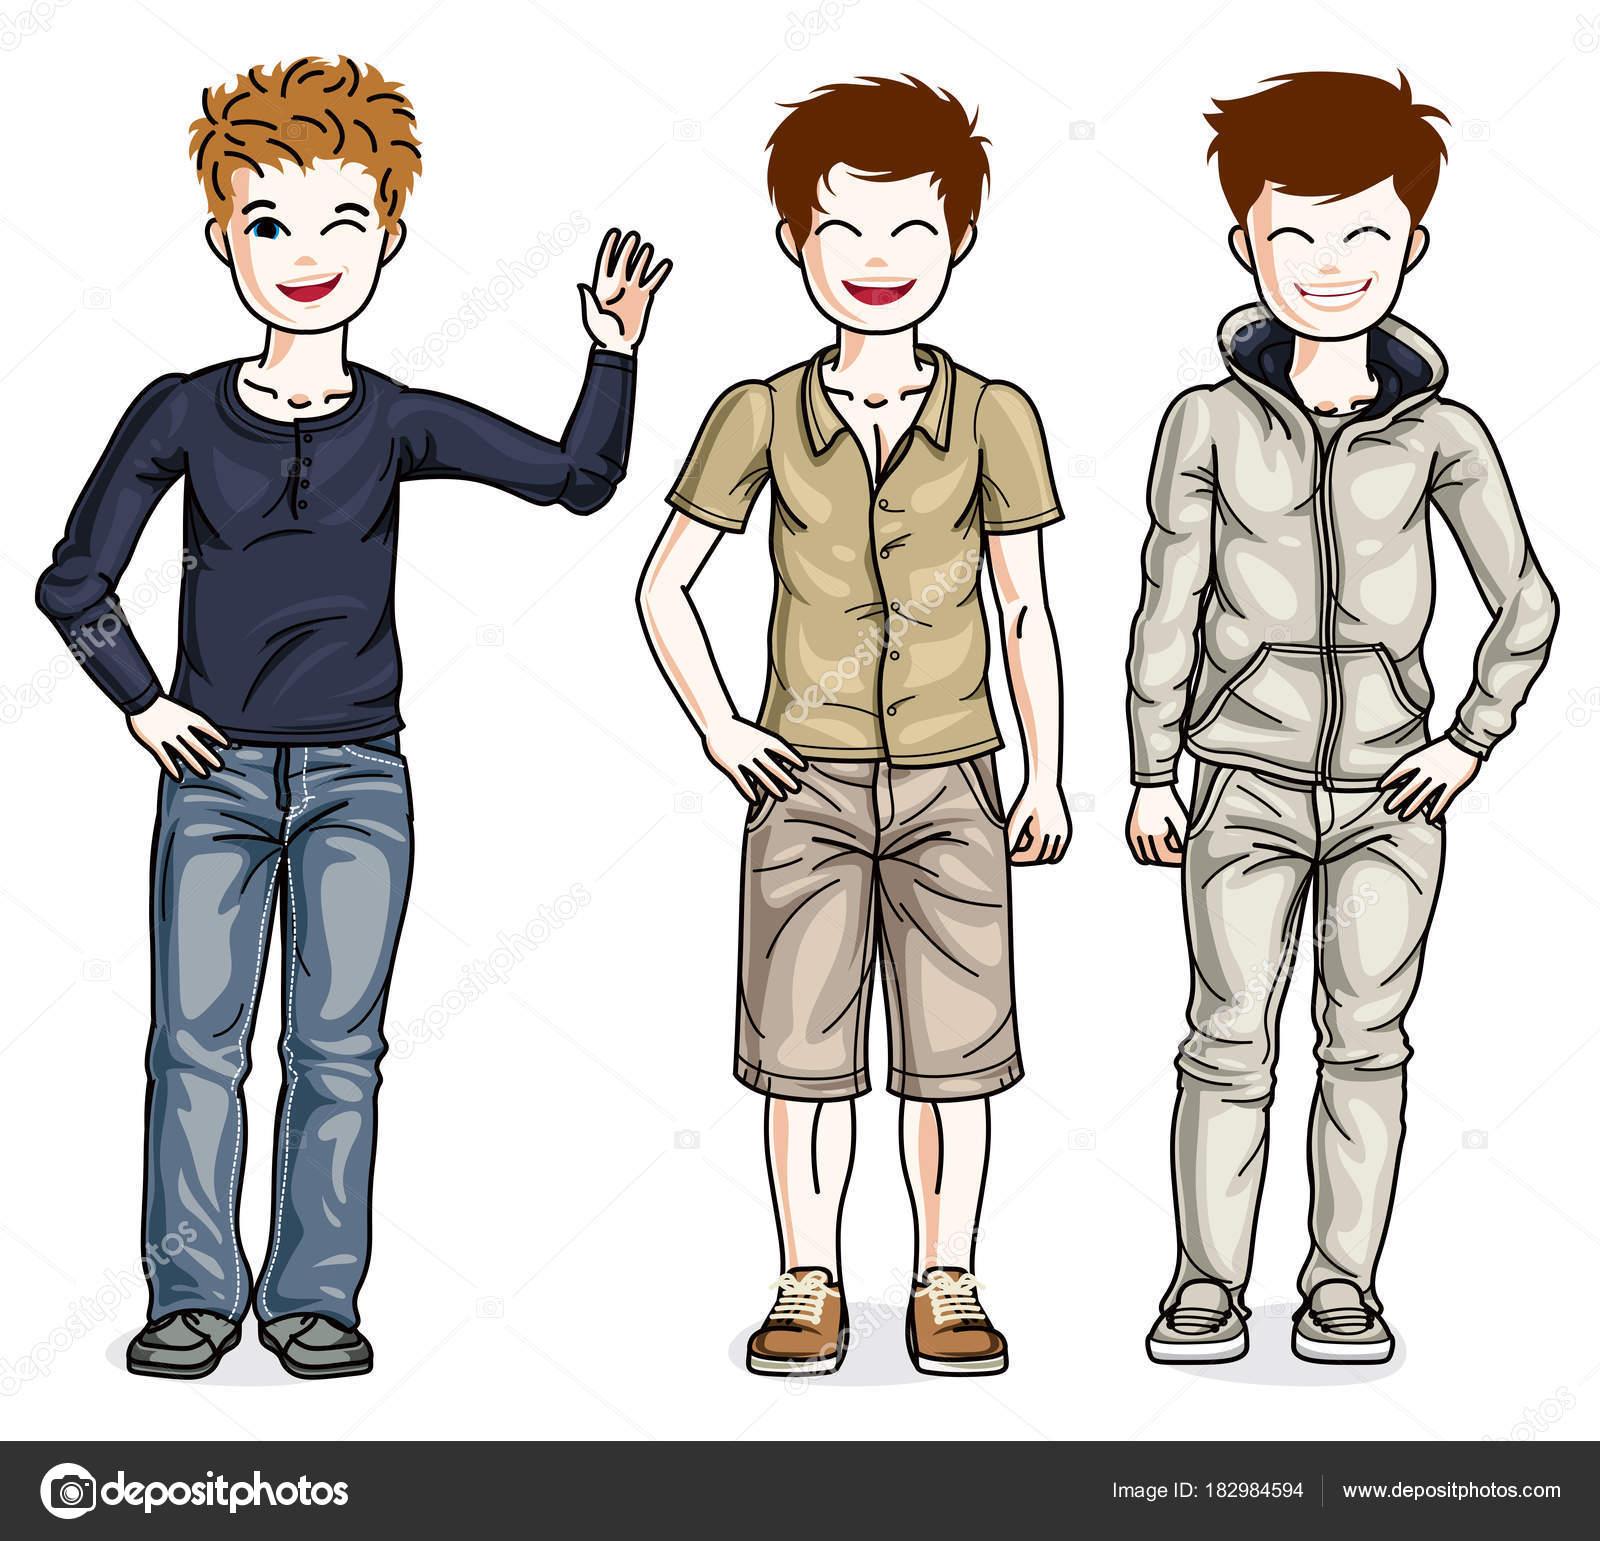 小さな男の子のかわいい子供をスタイリッシュなカジュアルな服で立ってい